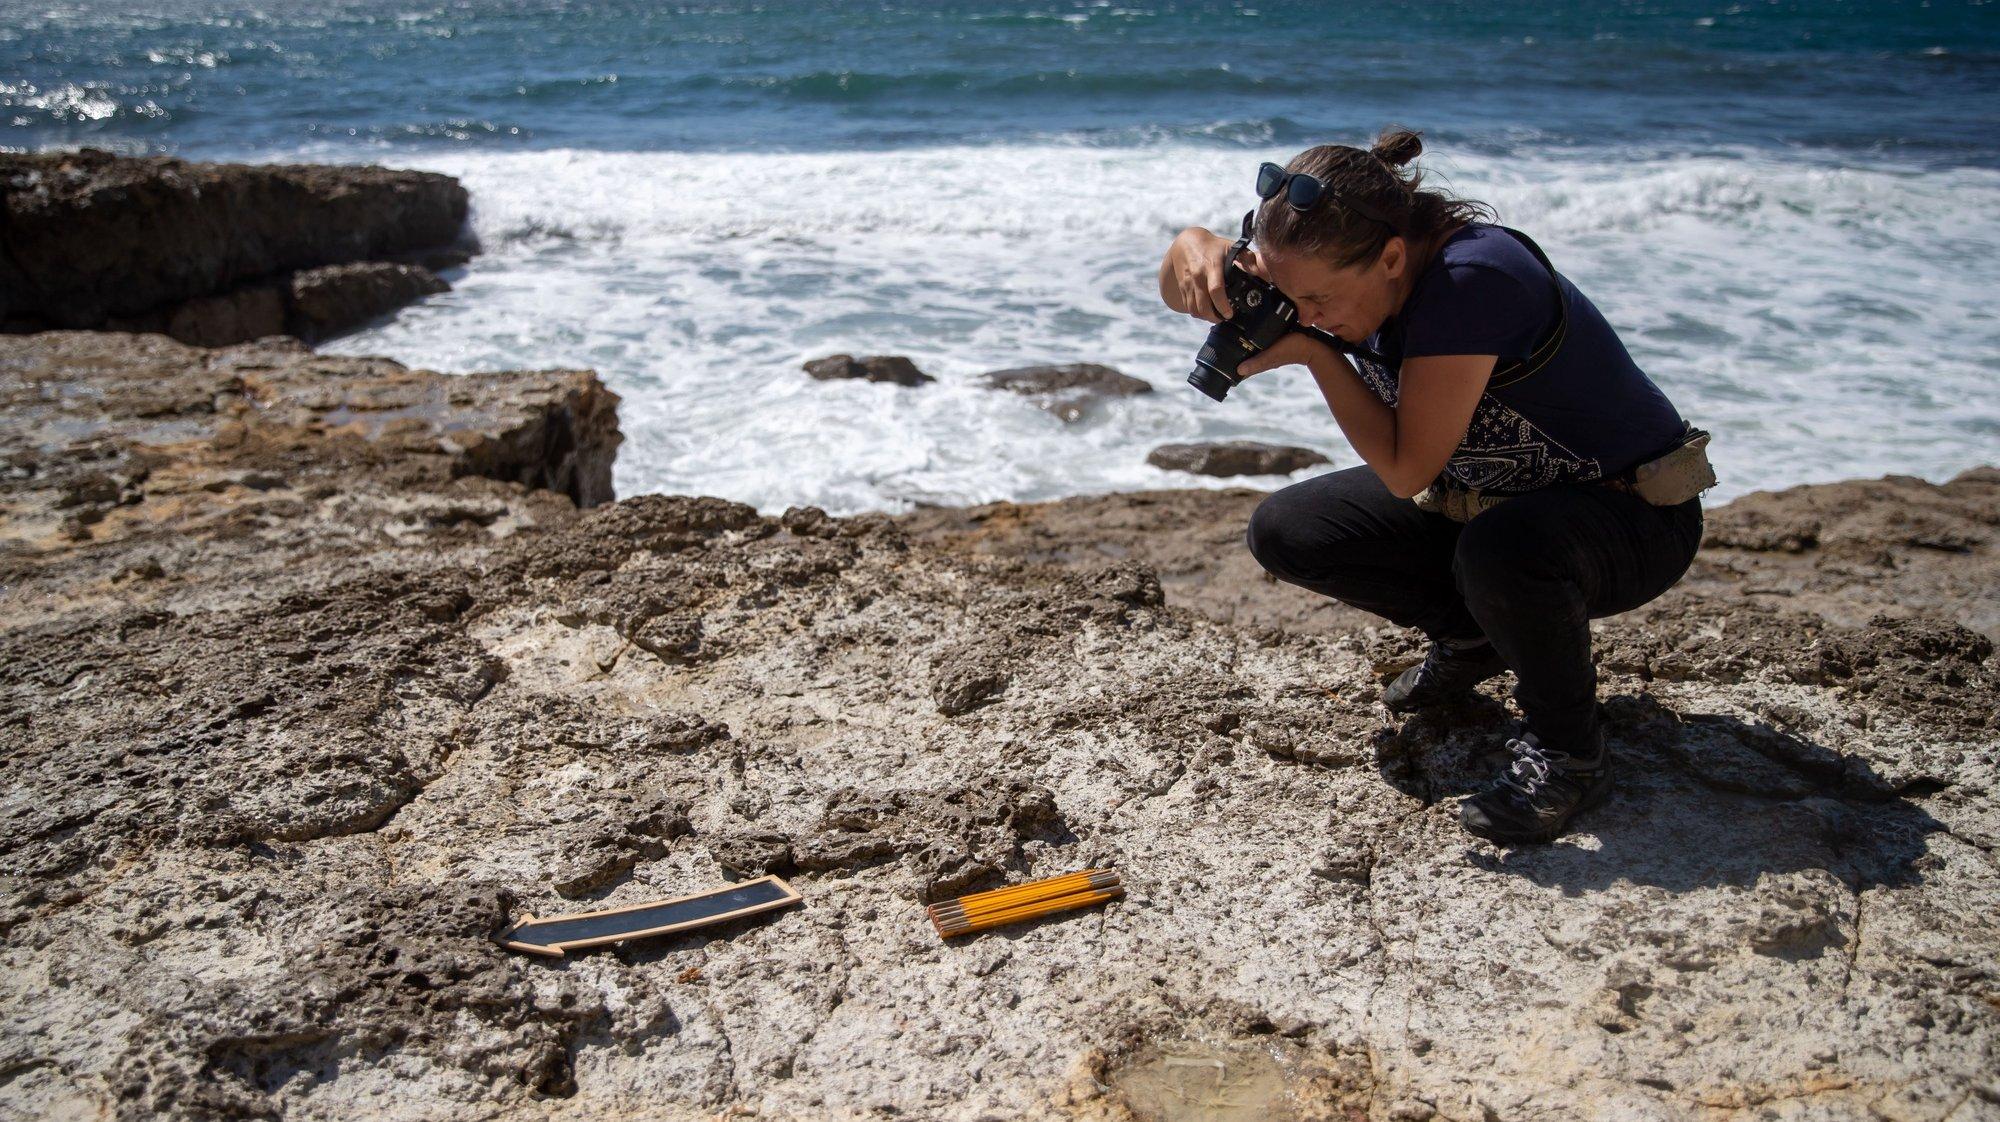 Investigadores que se encontram a desenvolver trabalho de campo na zona do Cabo Espichel, Sesimbra, acreditam que é possível encontrar ovos de dinossauro naquele local, à semelhança do que aconteceu na Lourinhã, e também de crocodilo, Sesimbra, 08 de julho de 2021. As camadas geológicas que constituem as escarpas do Cabo Espichel revelam, ao olhar do geólogo, potencial para encontrar ossos e ovos dos animais que há 129 milhões de anos ali deixaram impressas as pegadas que os investigadores estão hoje a seguir. (ACOMPANHA TEXTO DE 15 DE JULHO DE 2021). JOSÉ SENA GOULÃO/LUSA